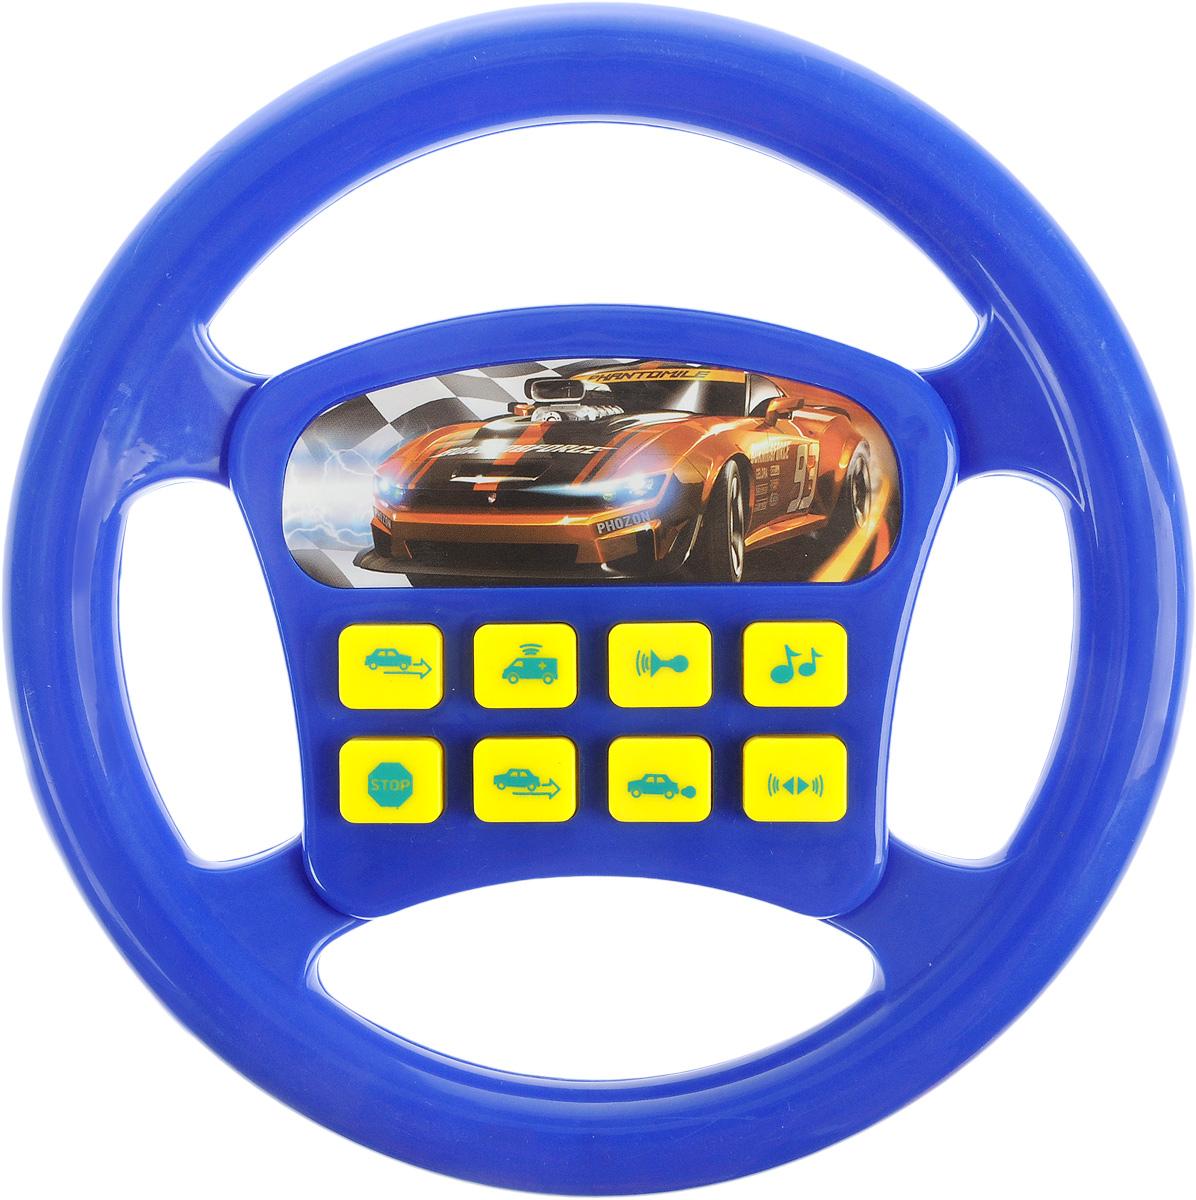 Играем вместе Игрушечный руль Машина цвет синий купить игрушечный бластер